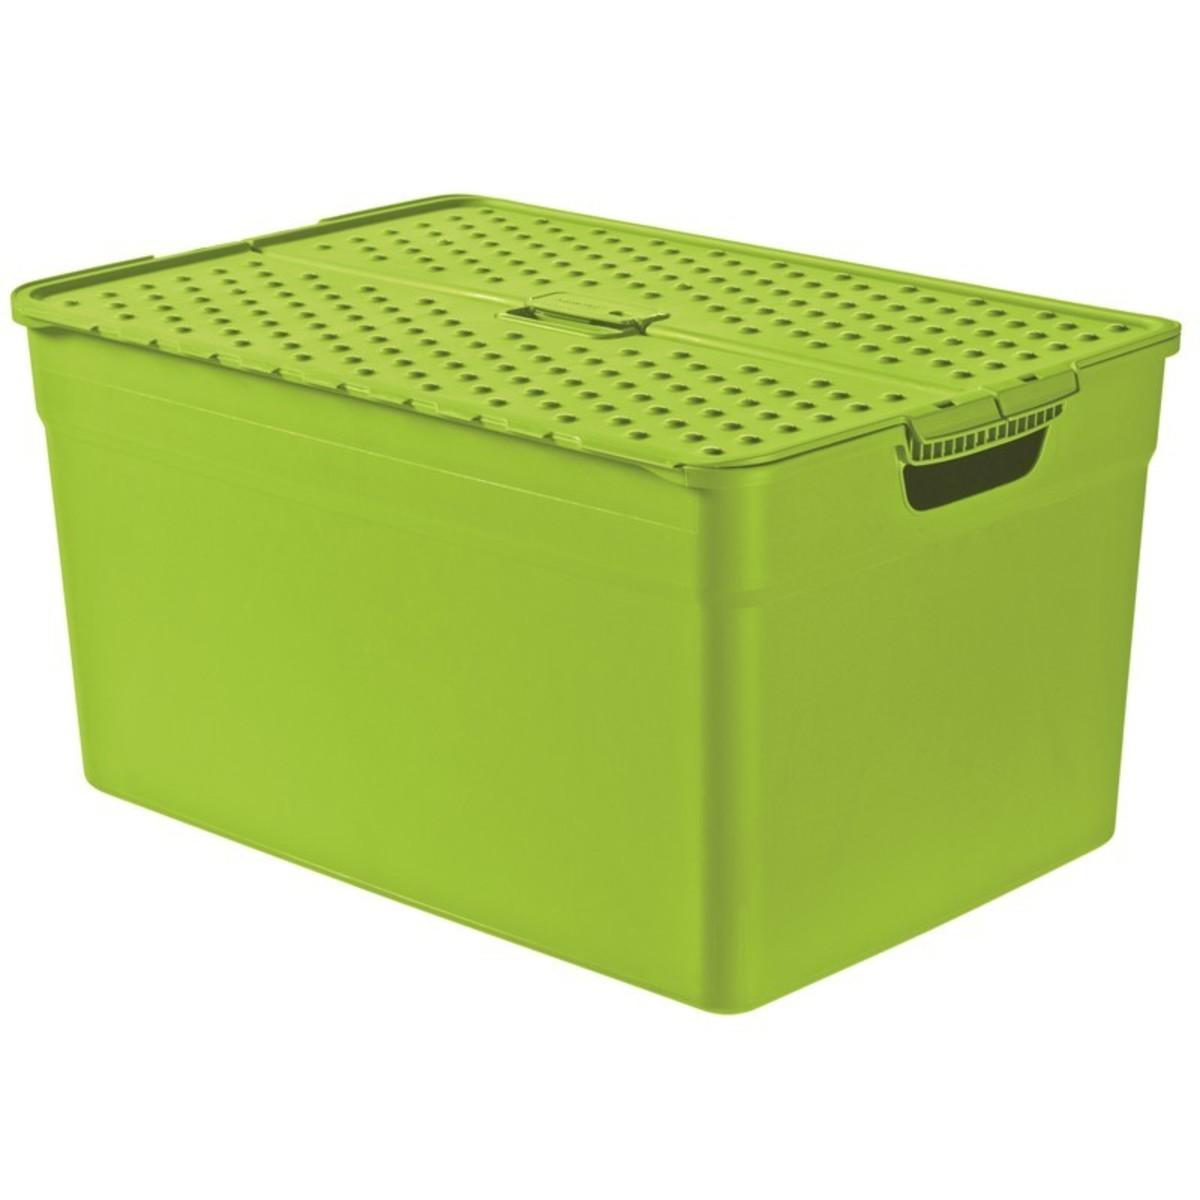 Контейнер Curver Pixxel зеленый 30 л